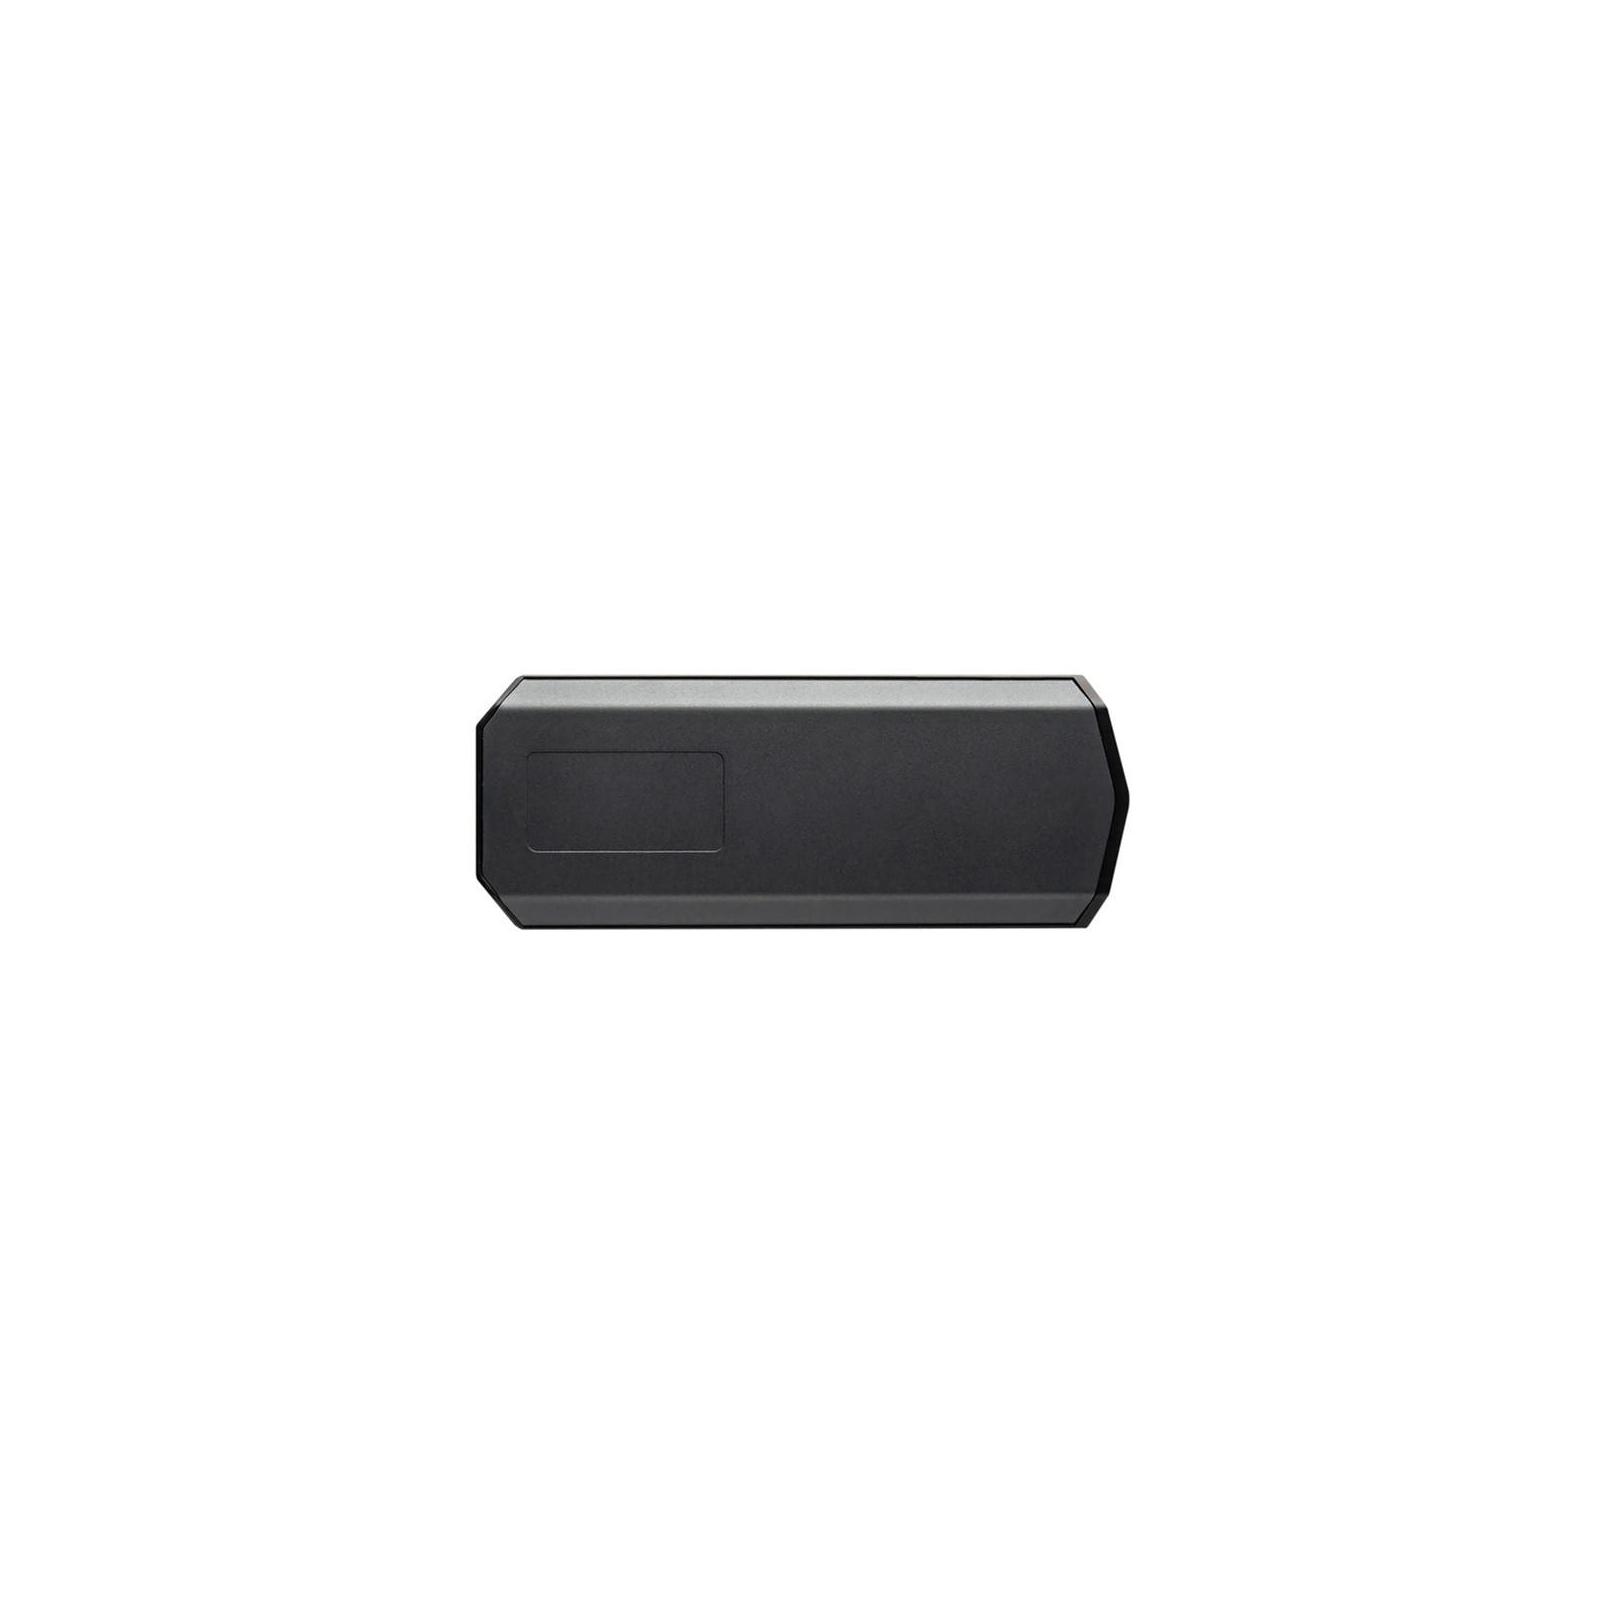 Накопичувач SSD USB 3.1 960GB Kingston (SHSX100/960G) зображення 3